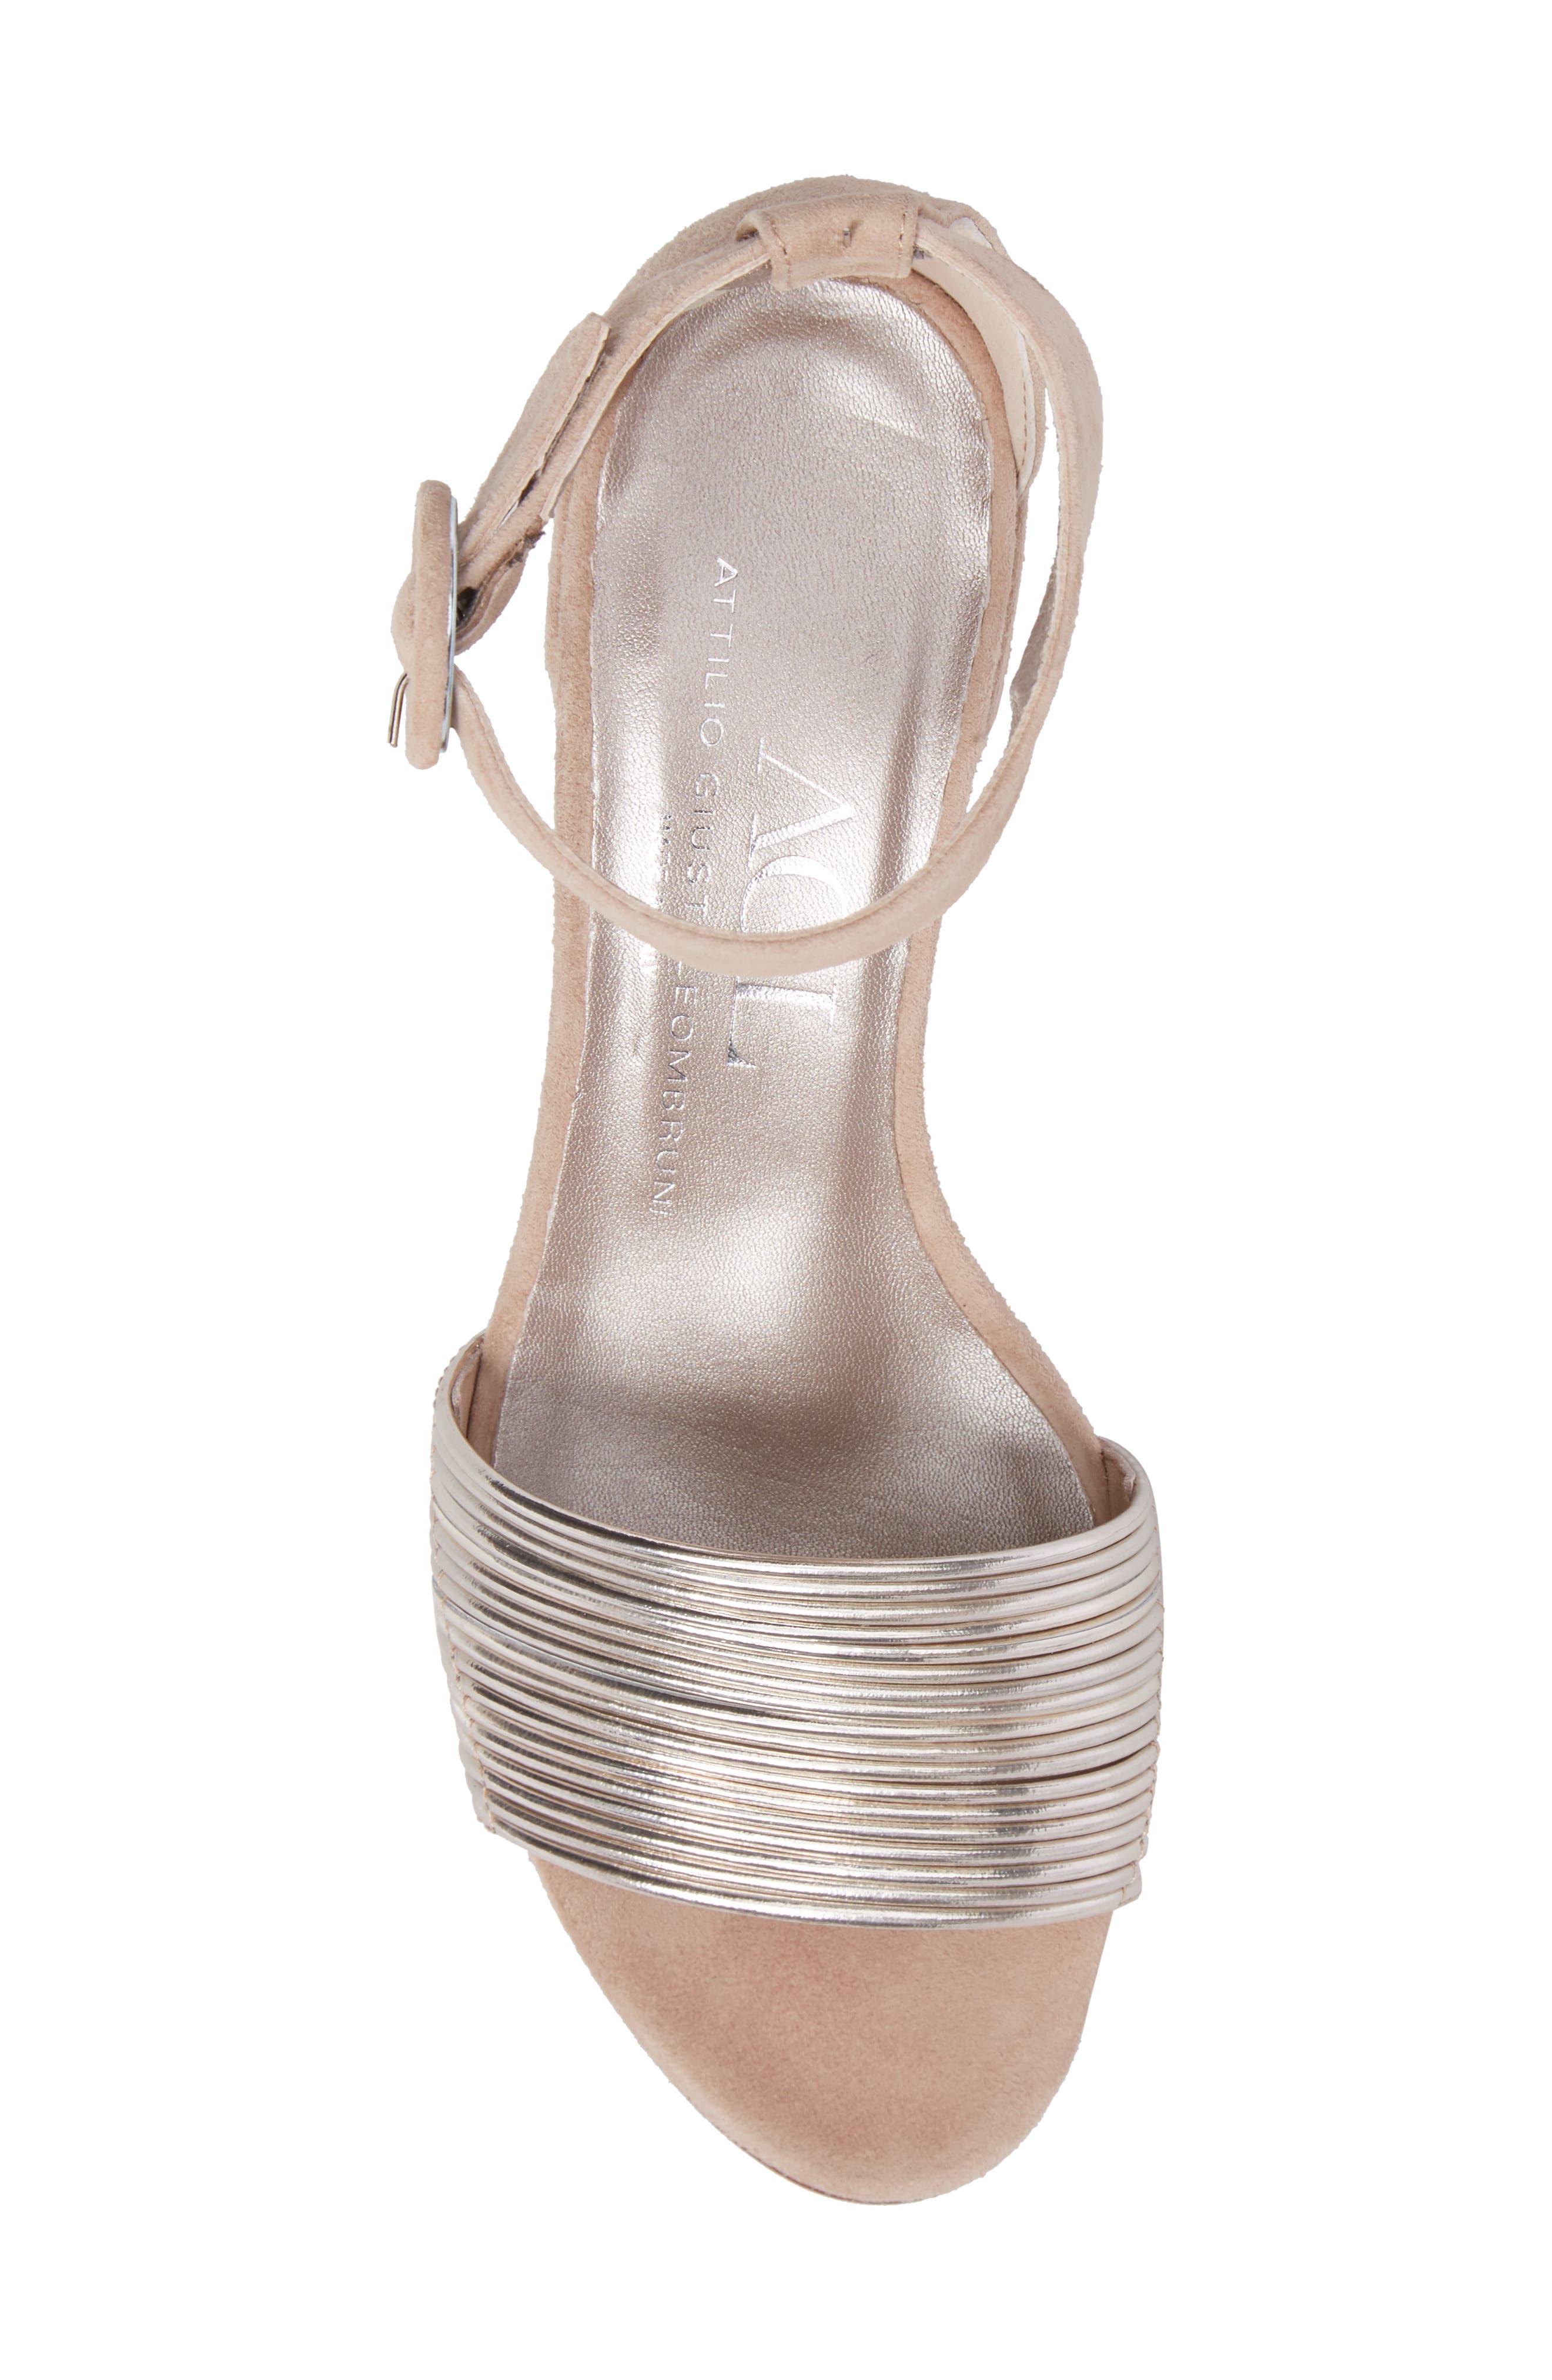 Ankle Strap Sandal,                             Alternate thumbnail 5, color,                             PLATINUM SUEDE